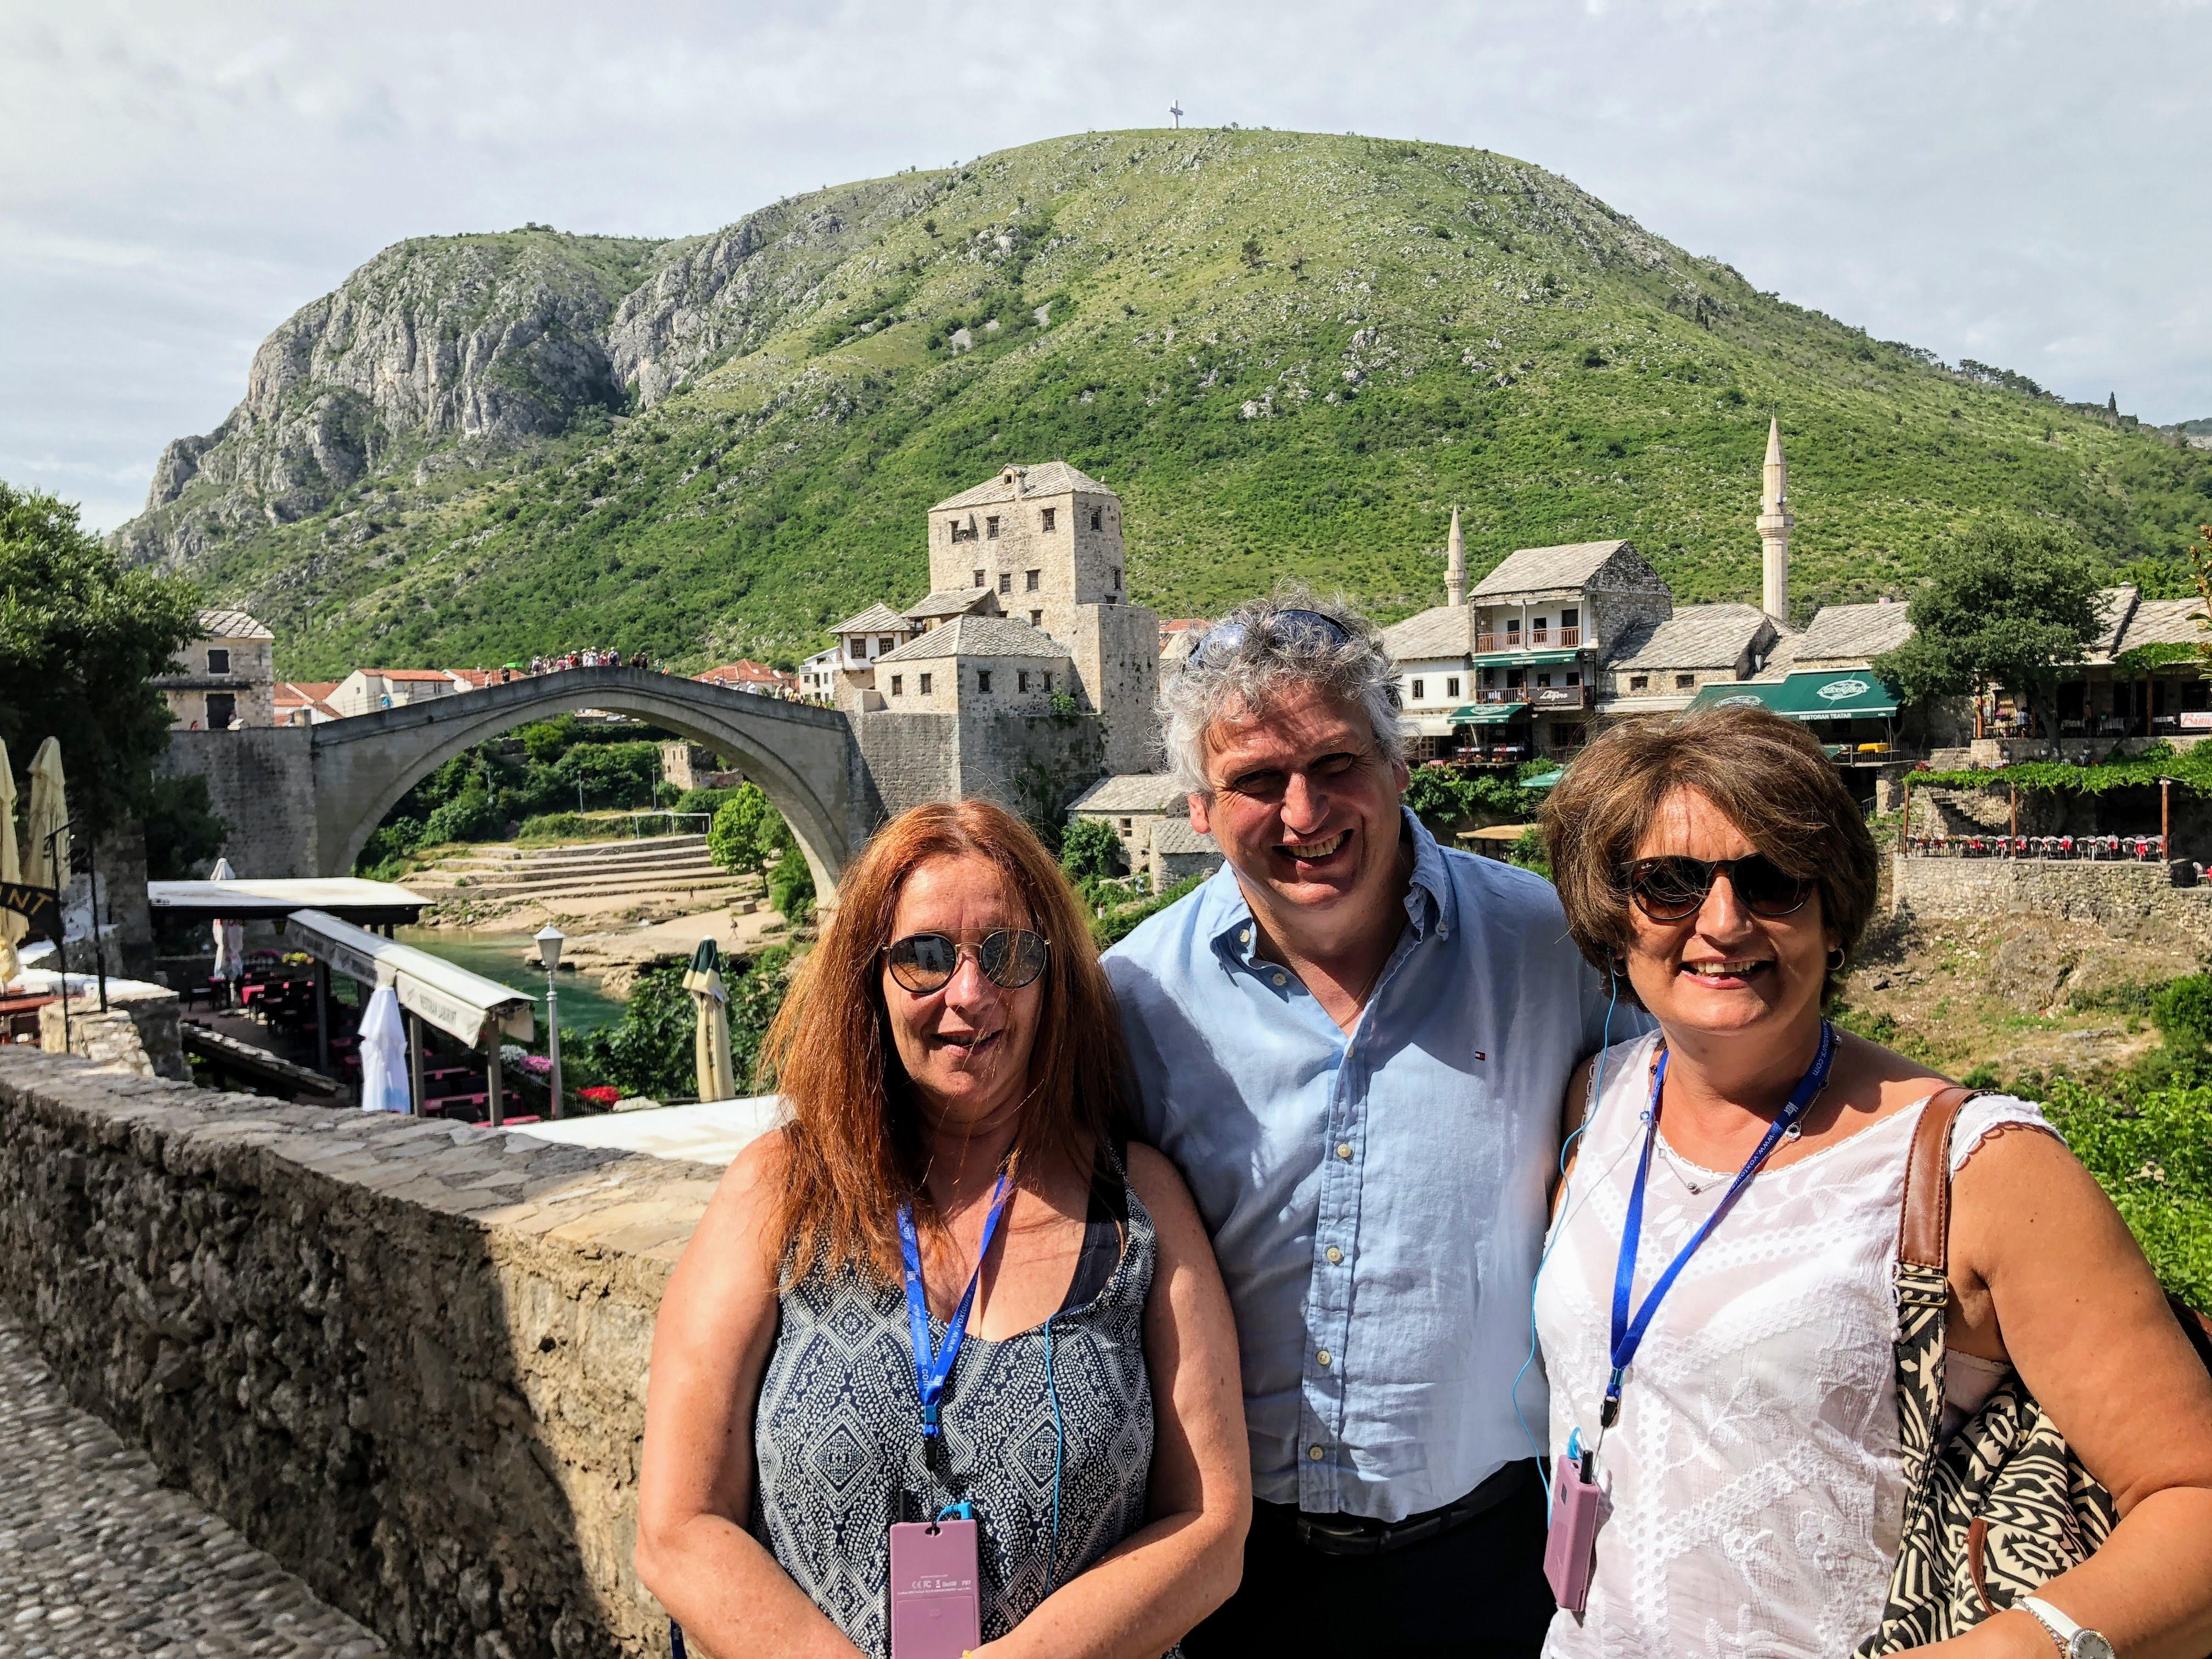 L'équipe de Visit Europe pose à Mostar, avec le célébrissime pont en arrière plan. De gche à dte Pascale Gaston, Helmut Gschwentner et Muriel Bougeard /crédit photo JDL